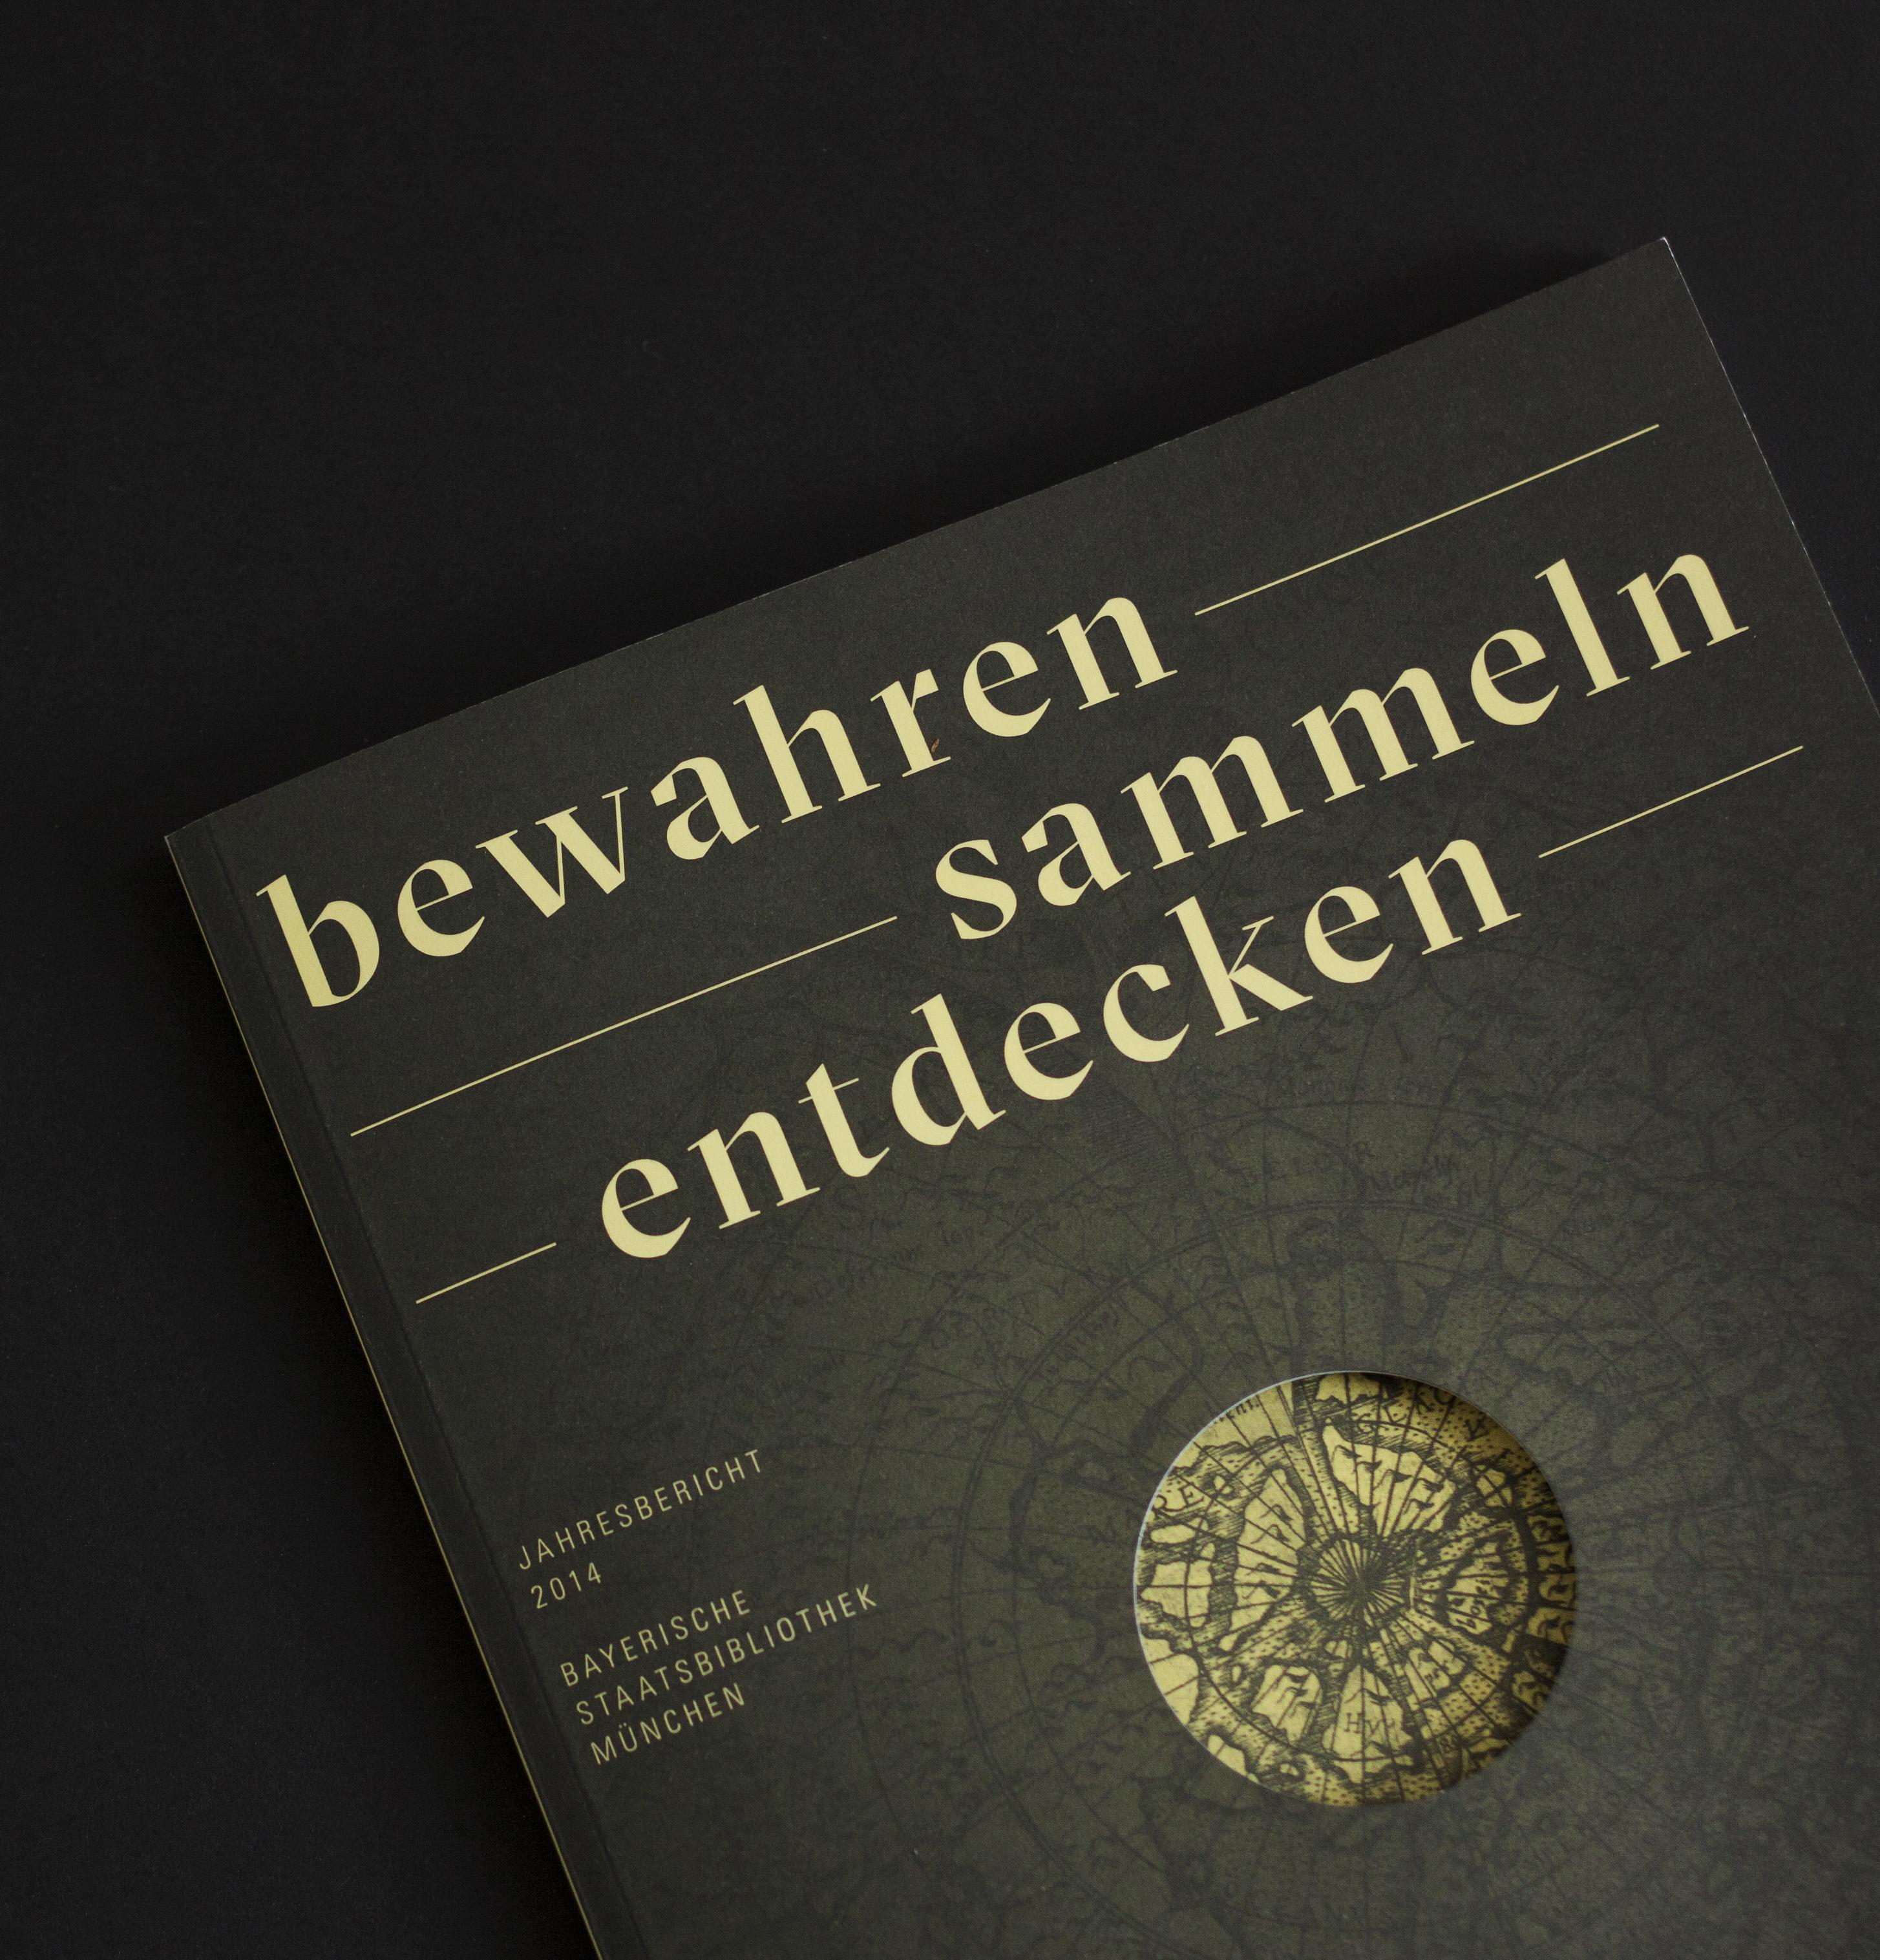 BAYERISCHE STAATSBIBLIOTHEK